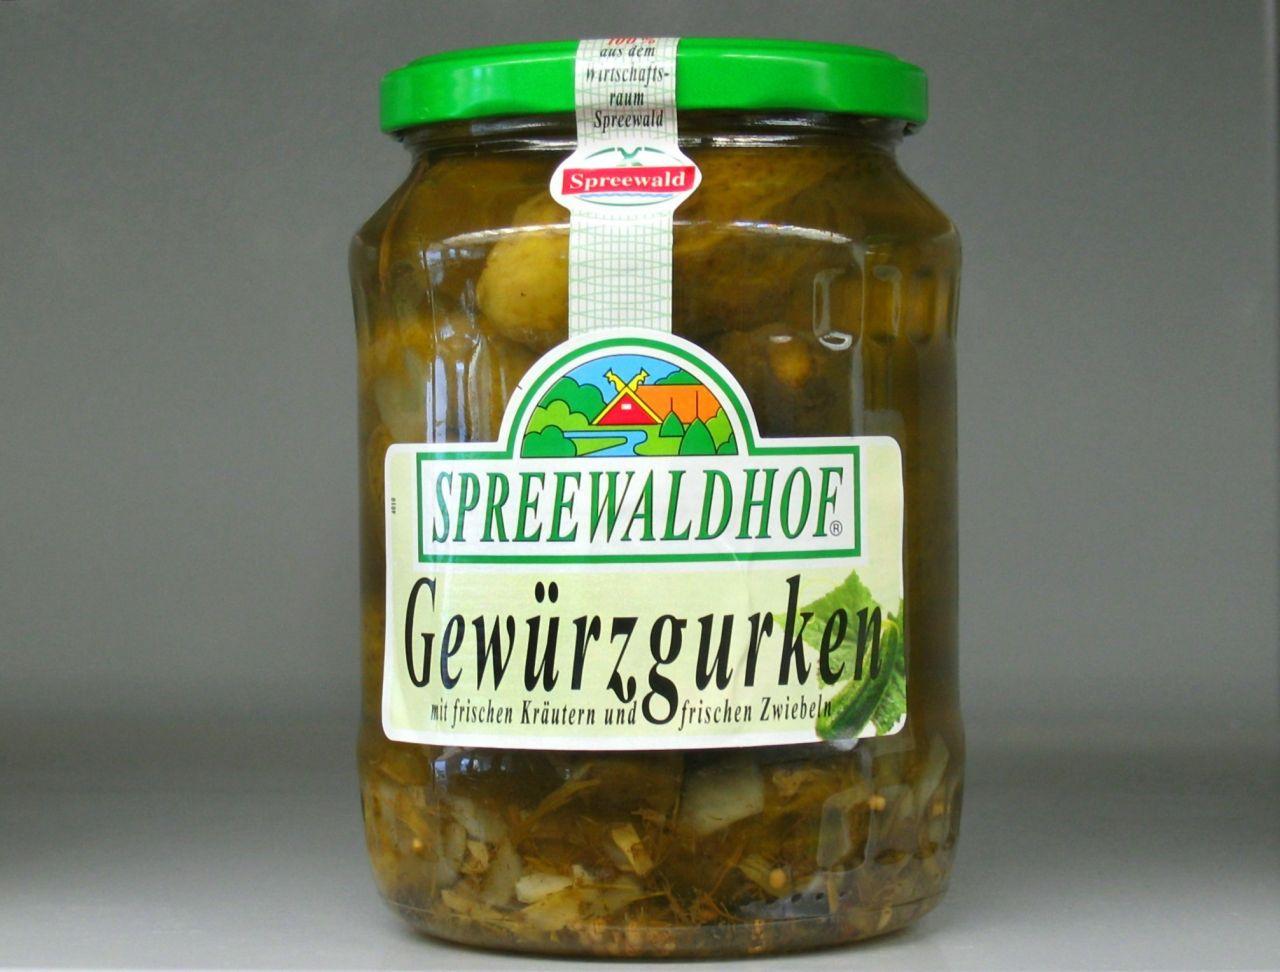 Spreewälder Gurken waren in der DDR sehr beliebt. Die Wiedervereinigung wirkte bedrohlich auf die Delikatesse. Ein Familienunternehmen aus dem Westen rettete die sauren Gurken.